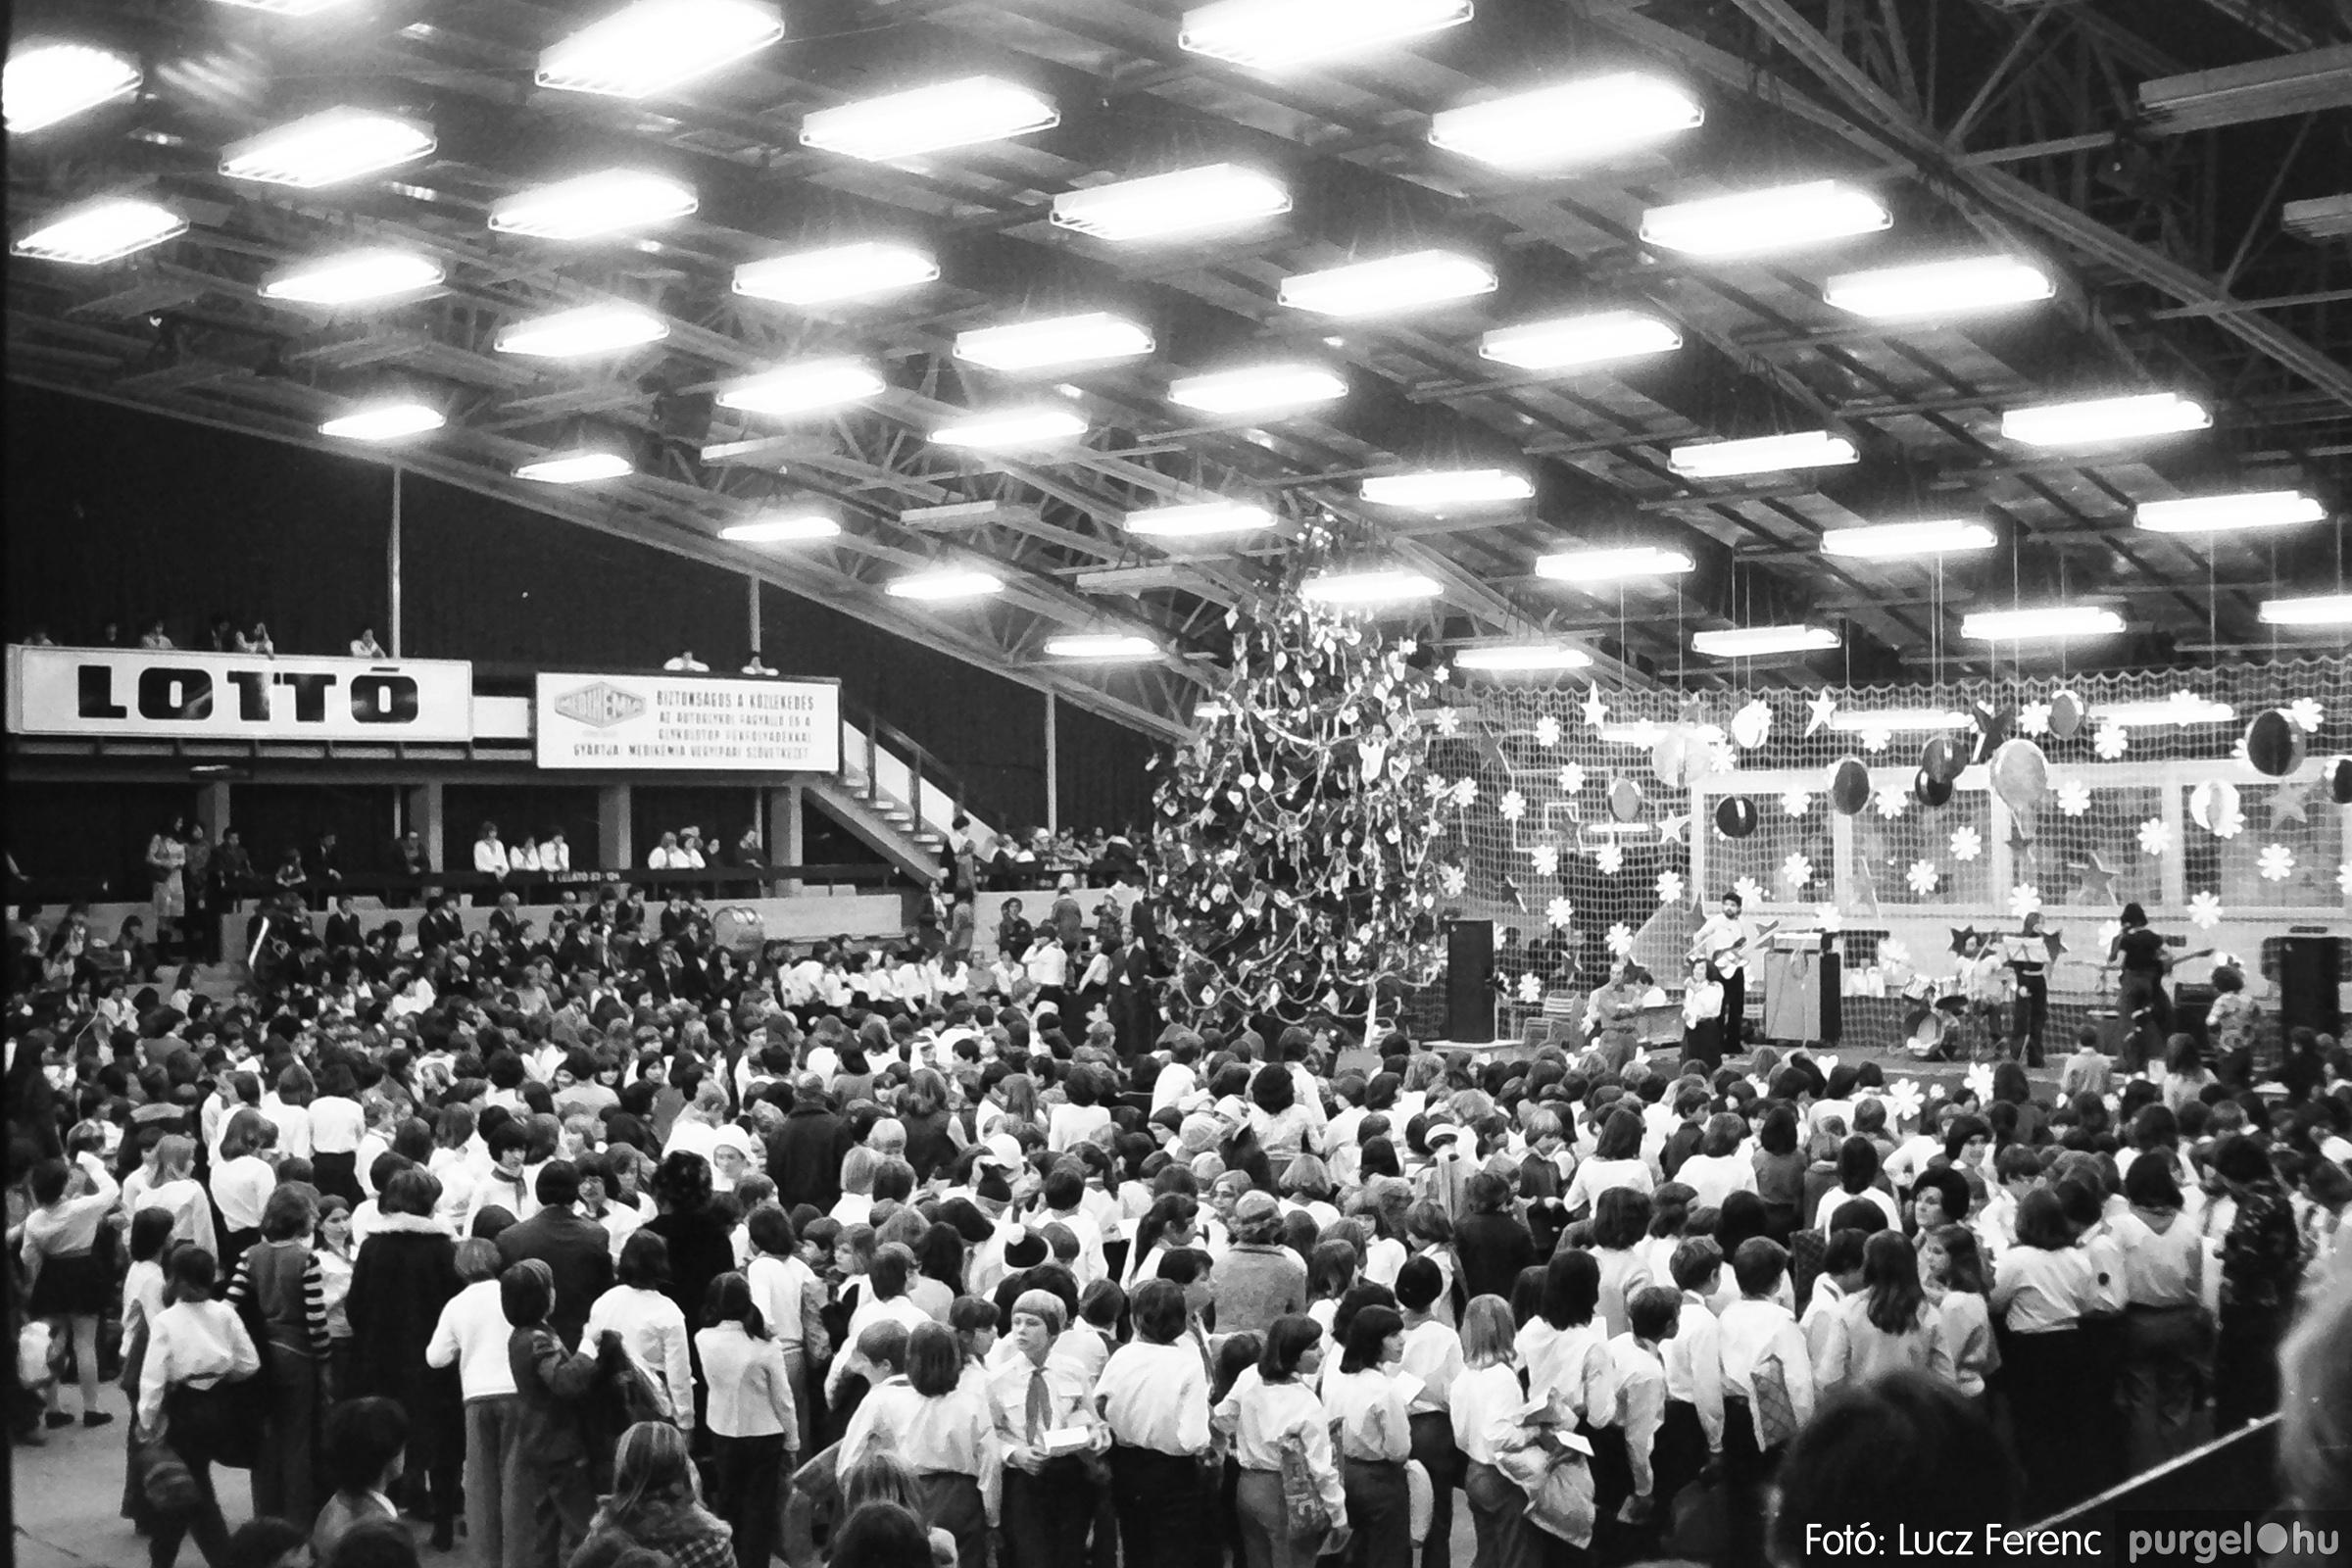 067-068. 1976. Úttörőkarácsony Szegeden 027. - Fotó: Lucz Ferenc.jpg